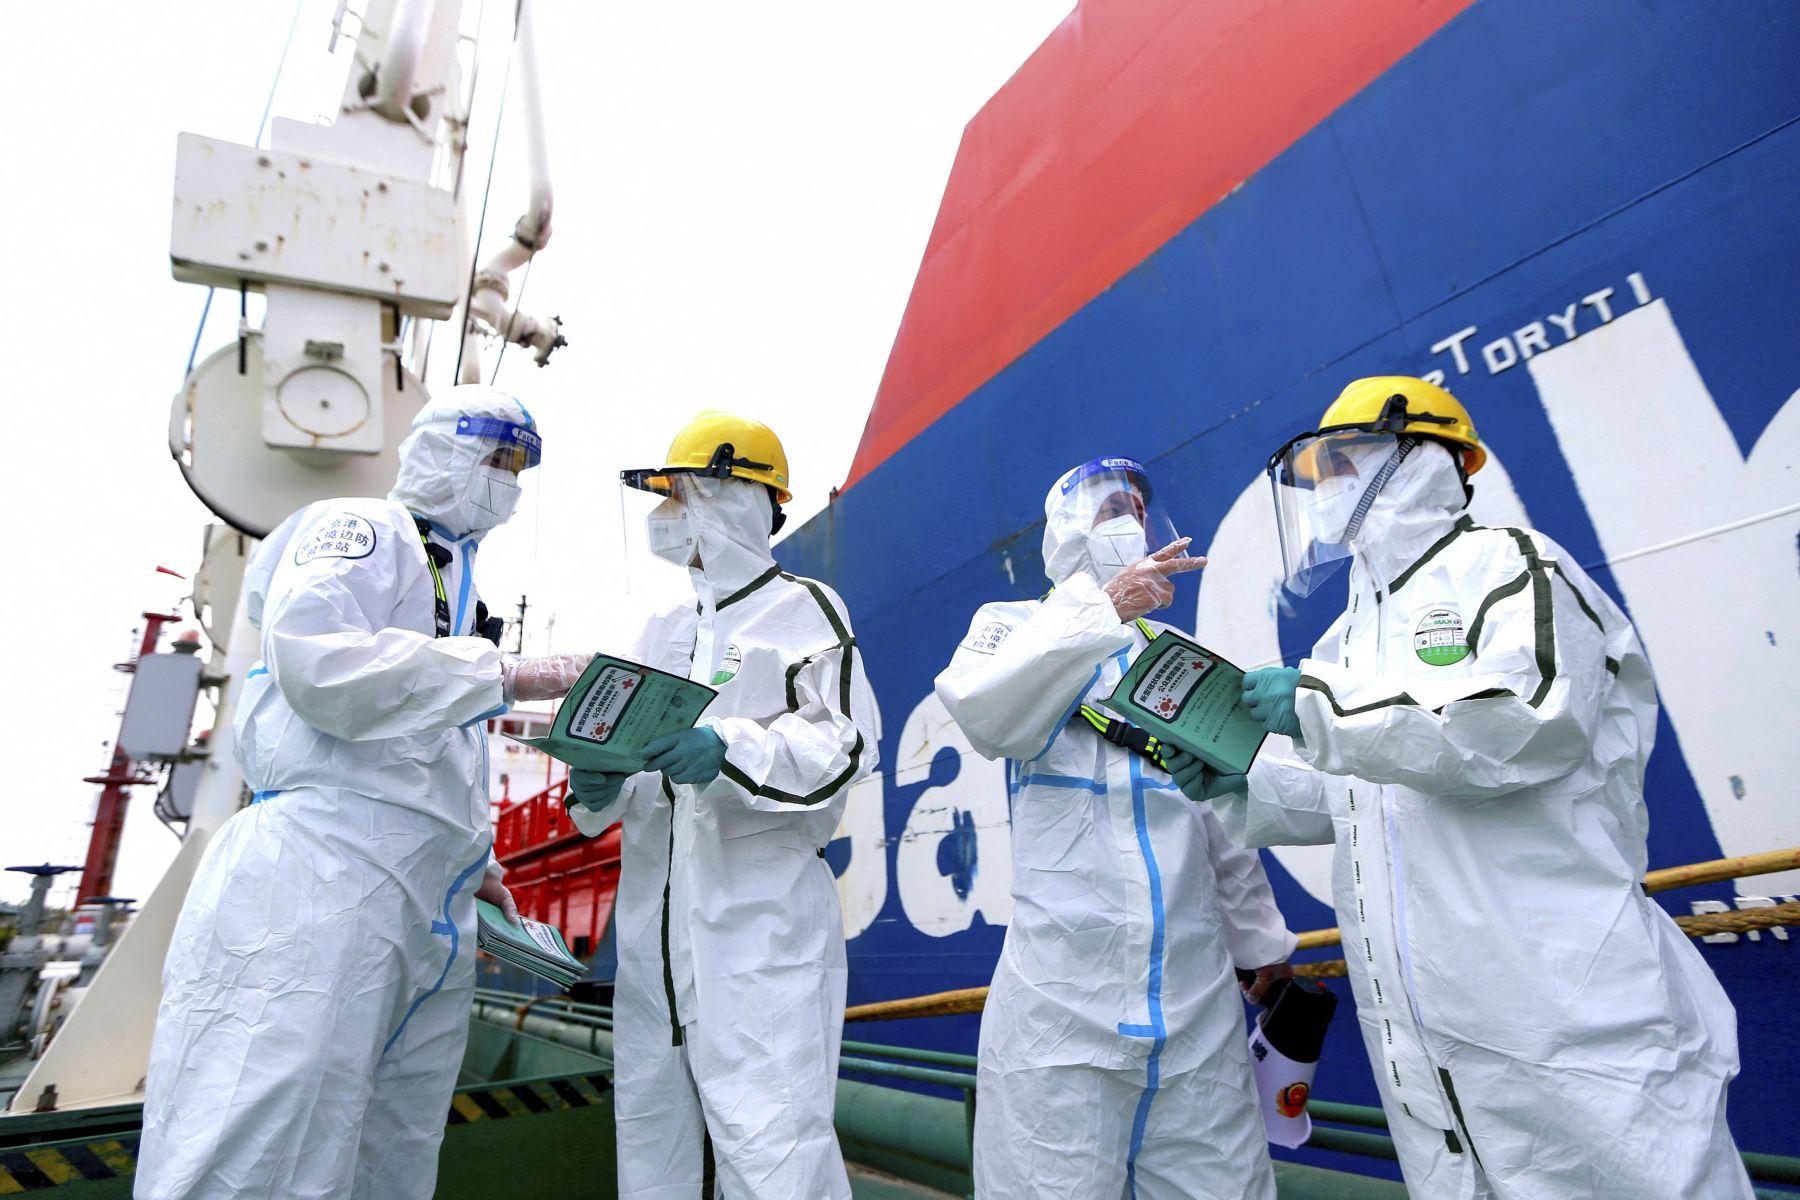 Los agentes de policía con equipo de protección explican la información de prevención de la pandemia para luchar contra la propagación del covid-19 a los trabajadores en el puerto de Nanjing, en la provincia de Jiangsu, en el este de China. Foto: AFP